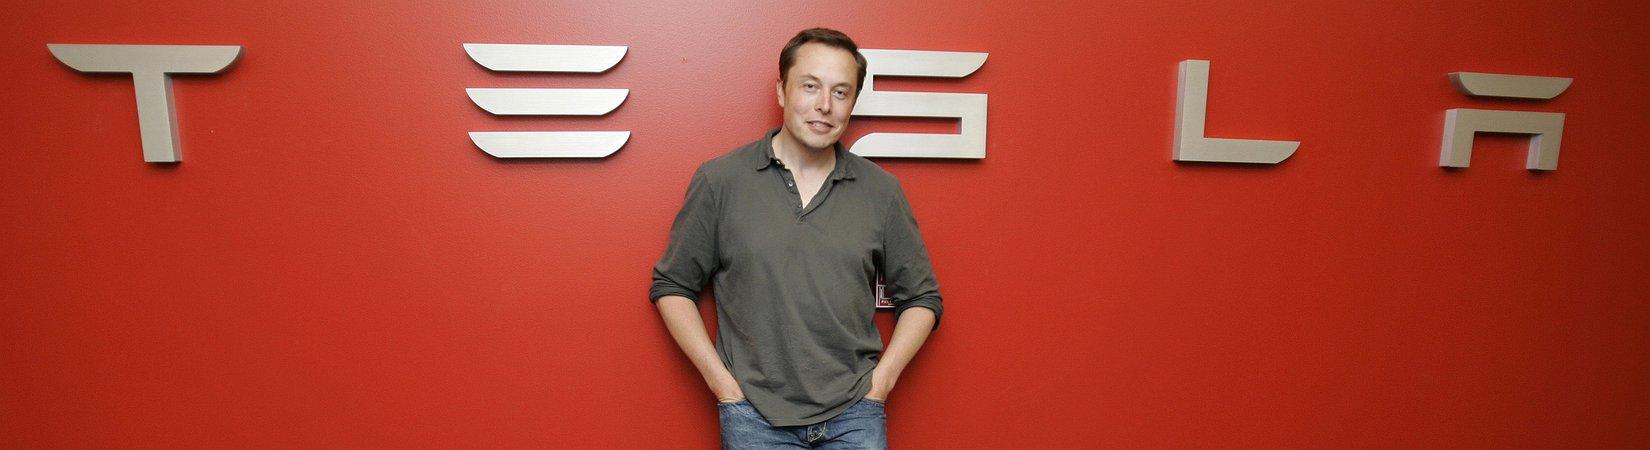 Los pre-pedidos del Model 3 de Tesla han aumentado hasta 500.000